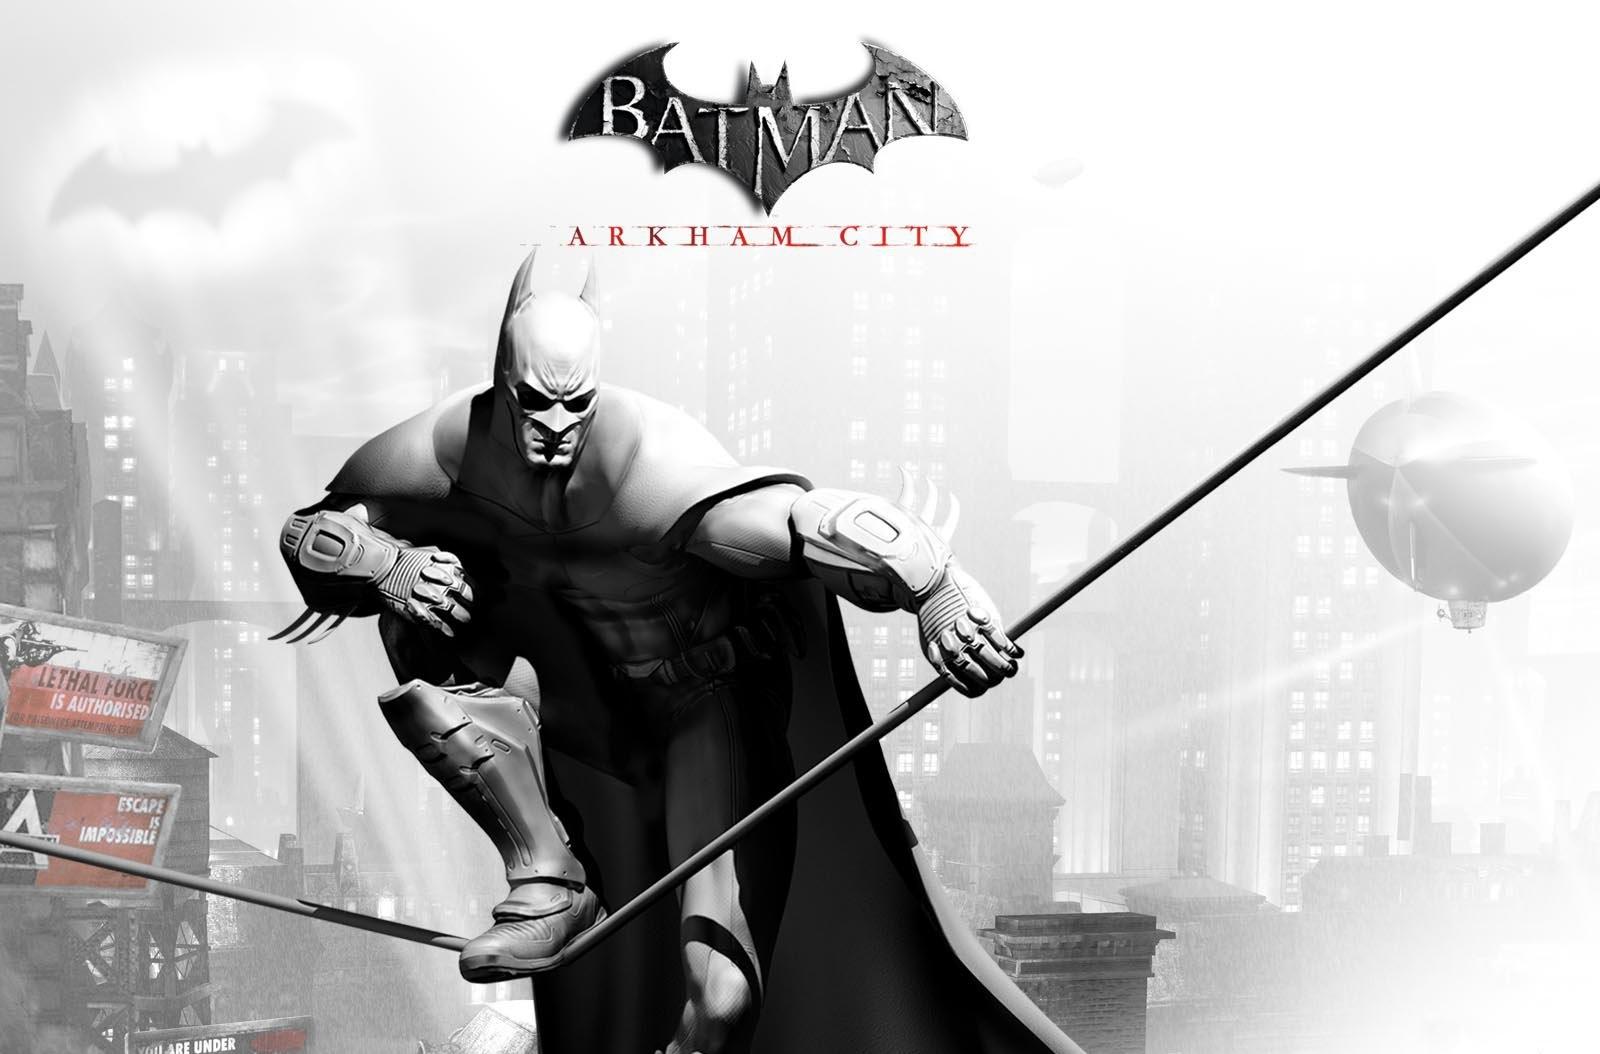 Batman Arkham City Wallpaper Arlequina: Batman Arkham City HD Wallpaper